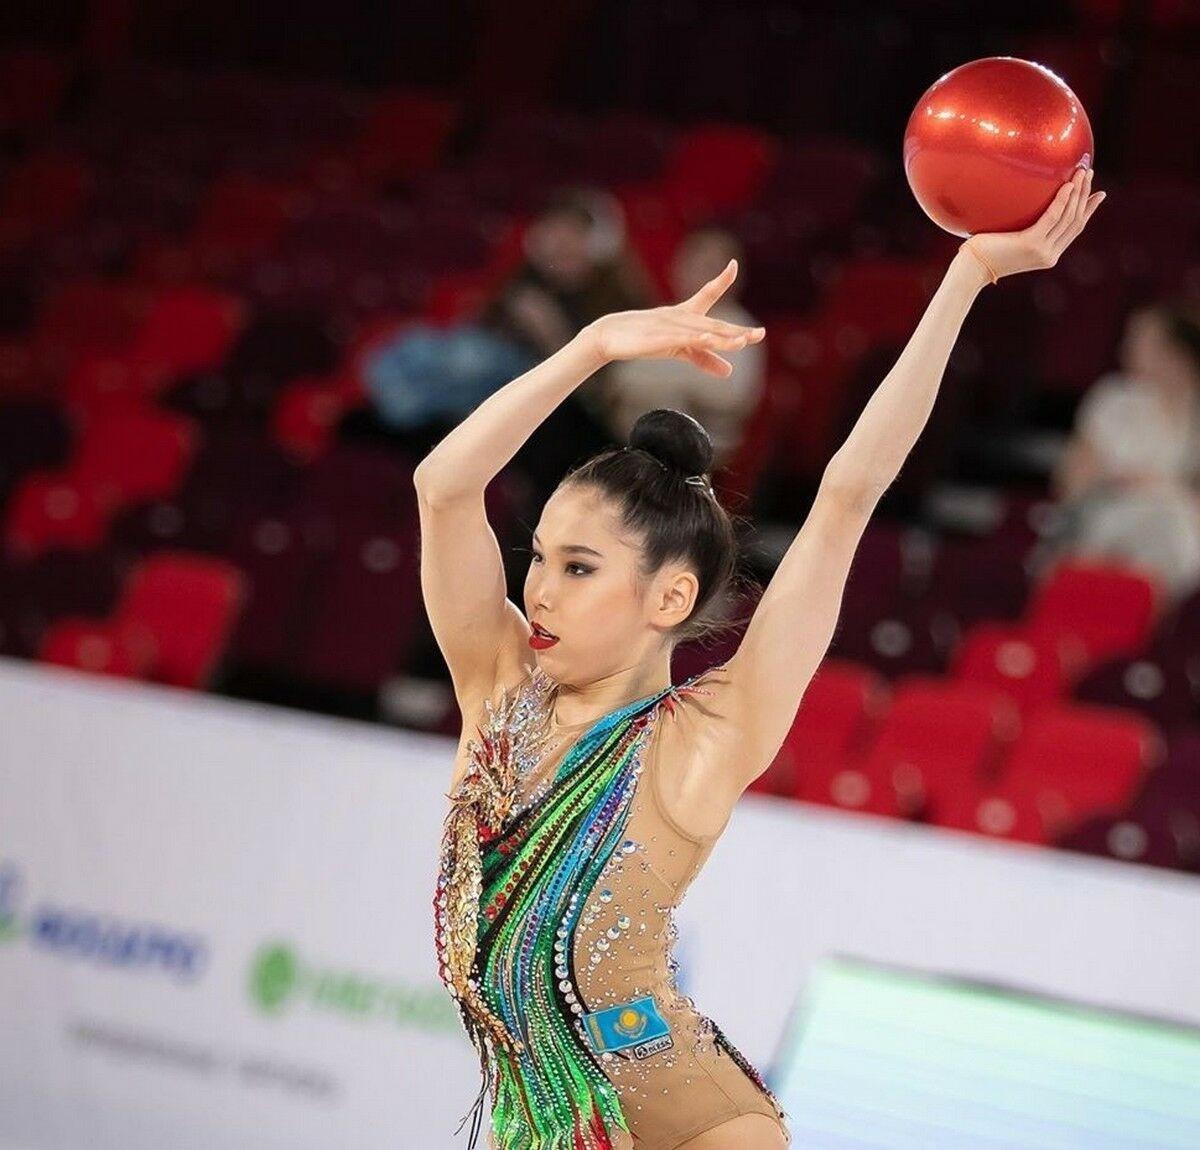 Казахстанские гимнастки прибыли в Японию на чемпионат мира